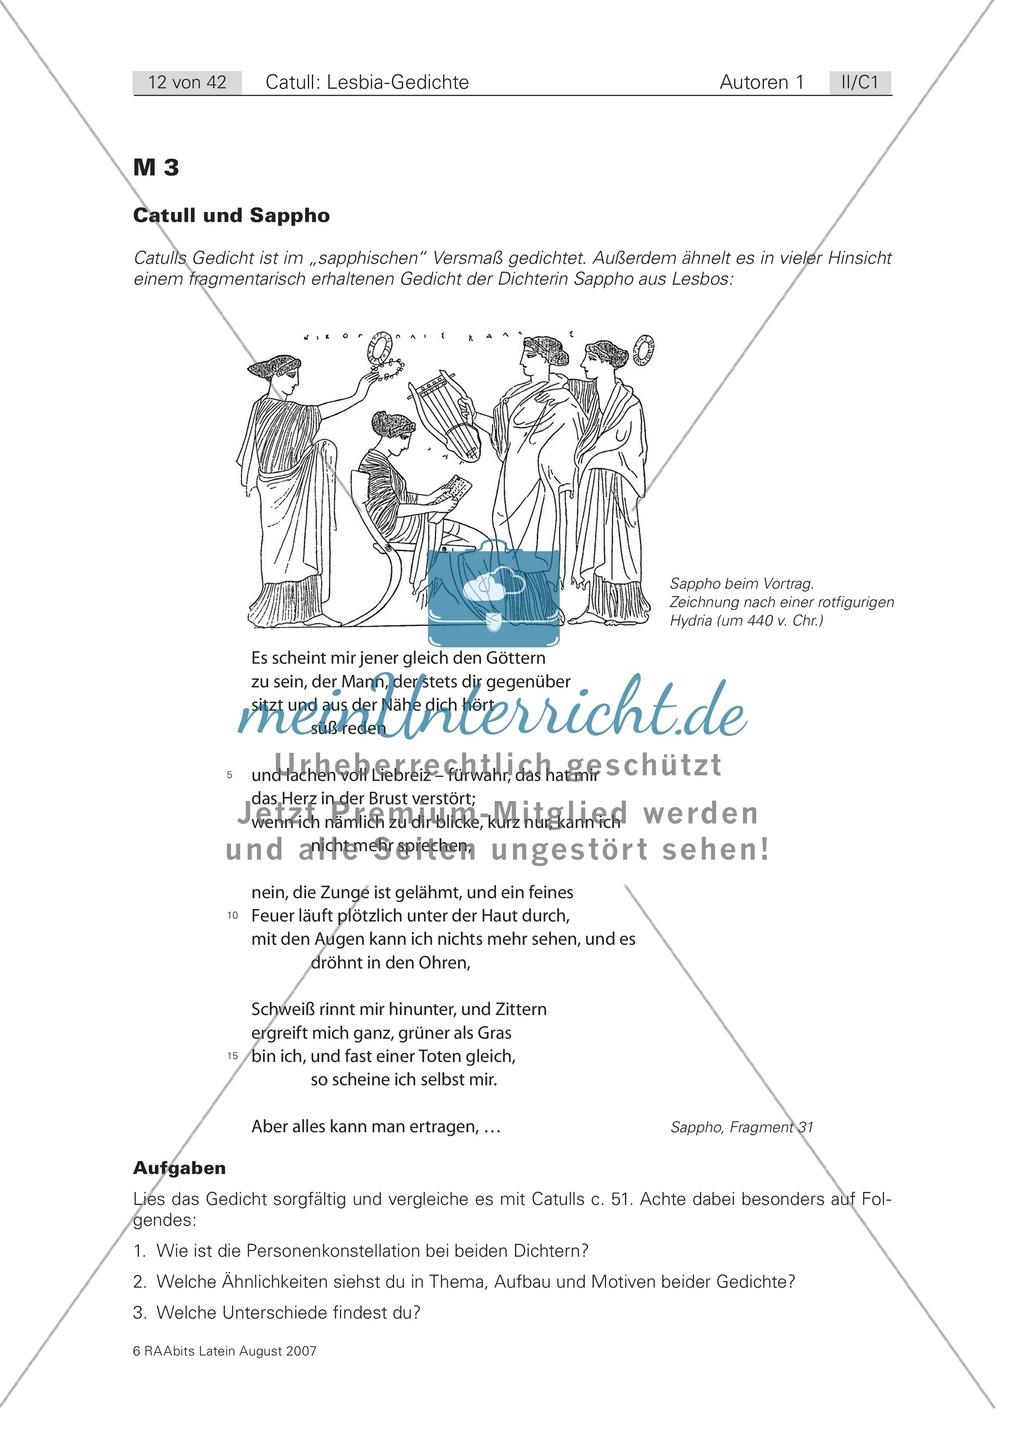 Liebespaare in Mythos und Wirklichkeit und das Vorbild von Sappho. Mit Originaltext und Hinweisen. Preview 2